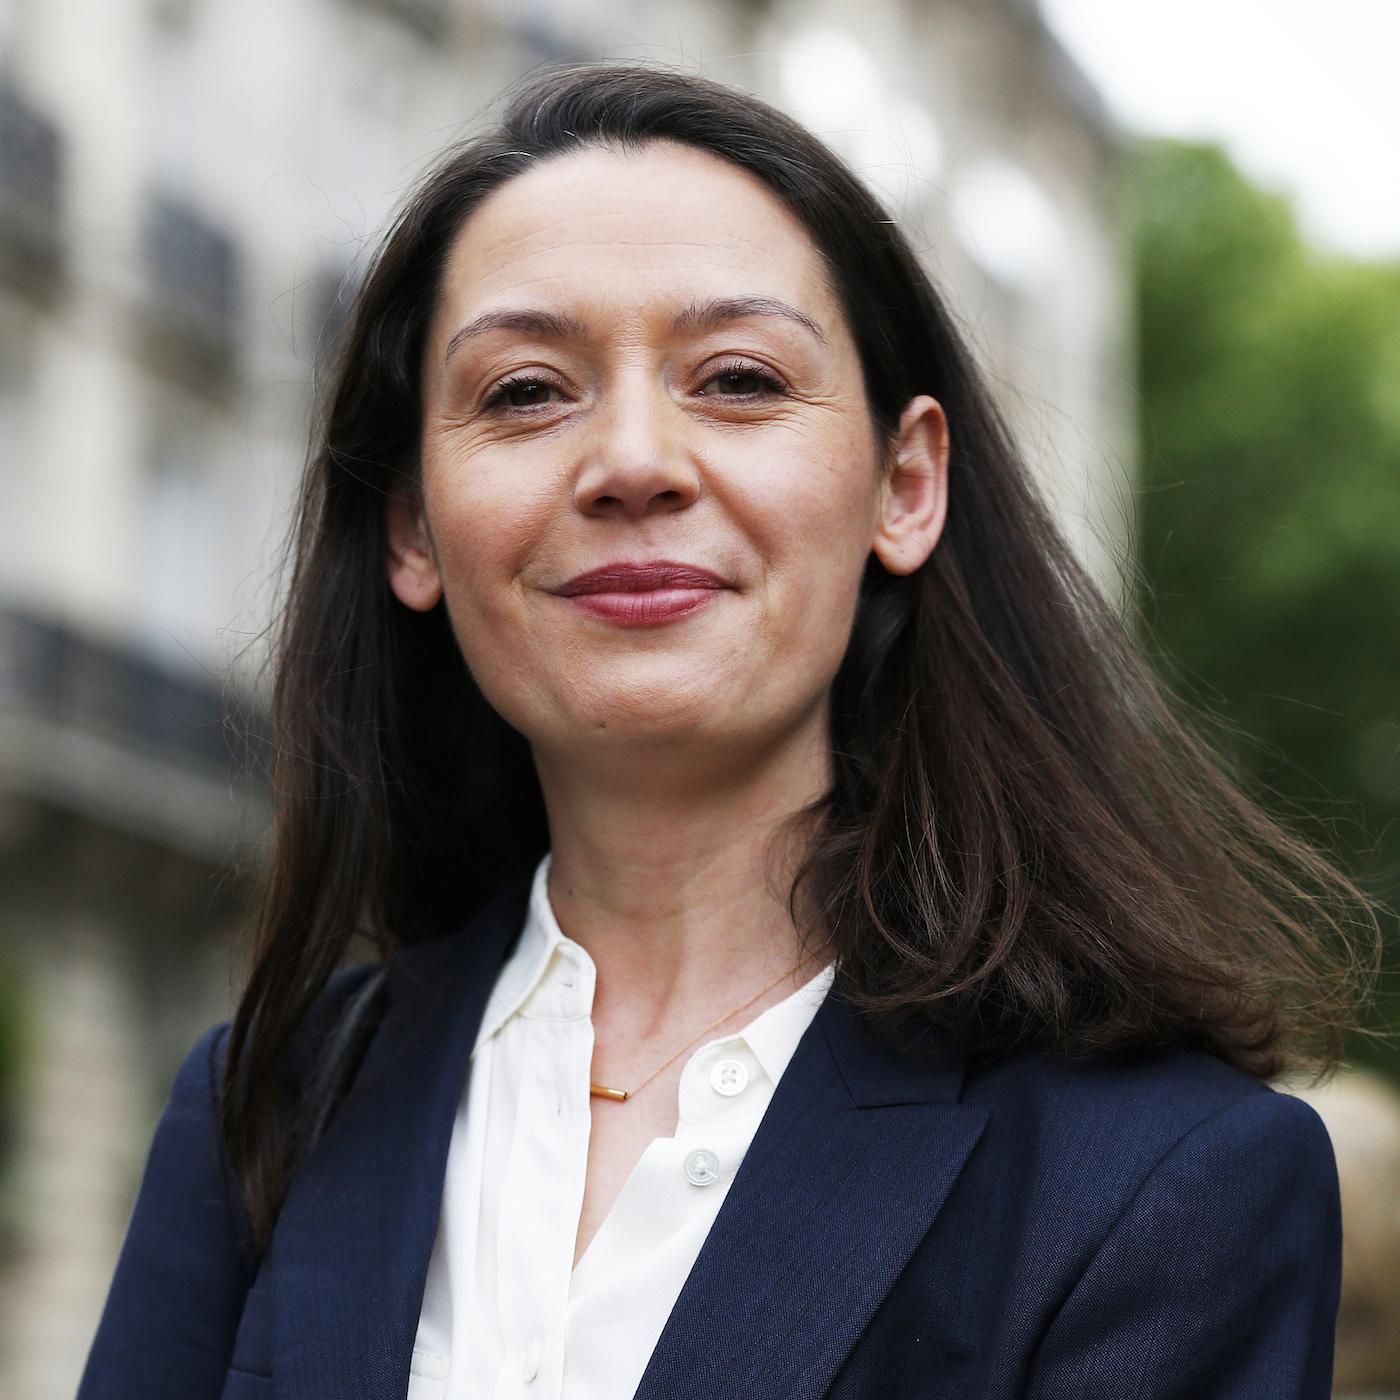 #12 Saison 4: Marie-Pierre Rixain, Députée à l'Assemblée Nationale et Présidente de la délégation aux droits des femmes